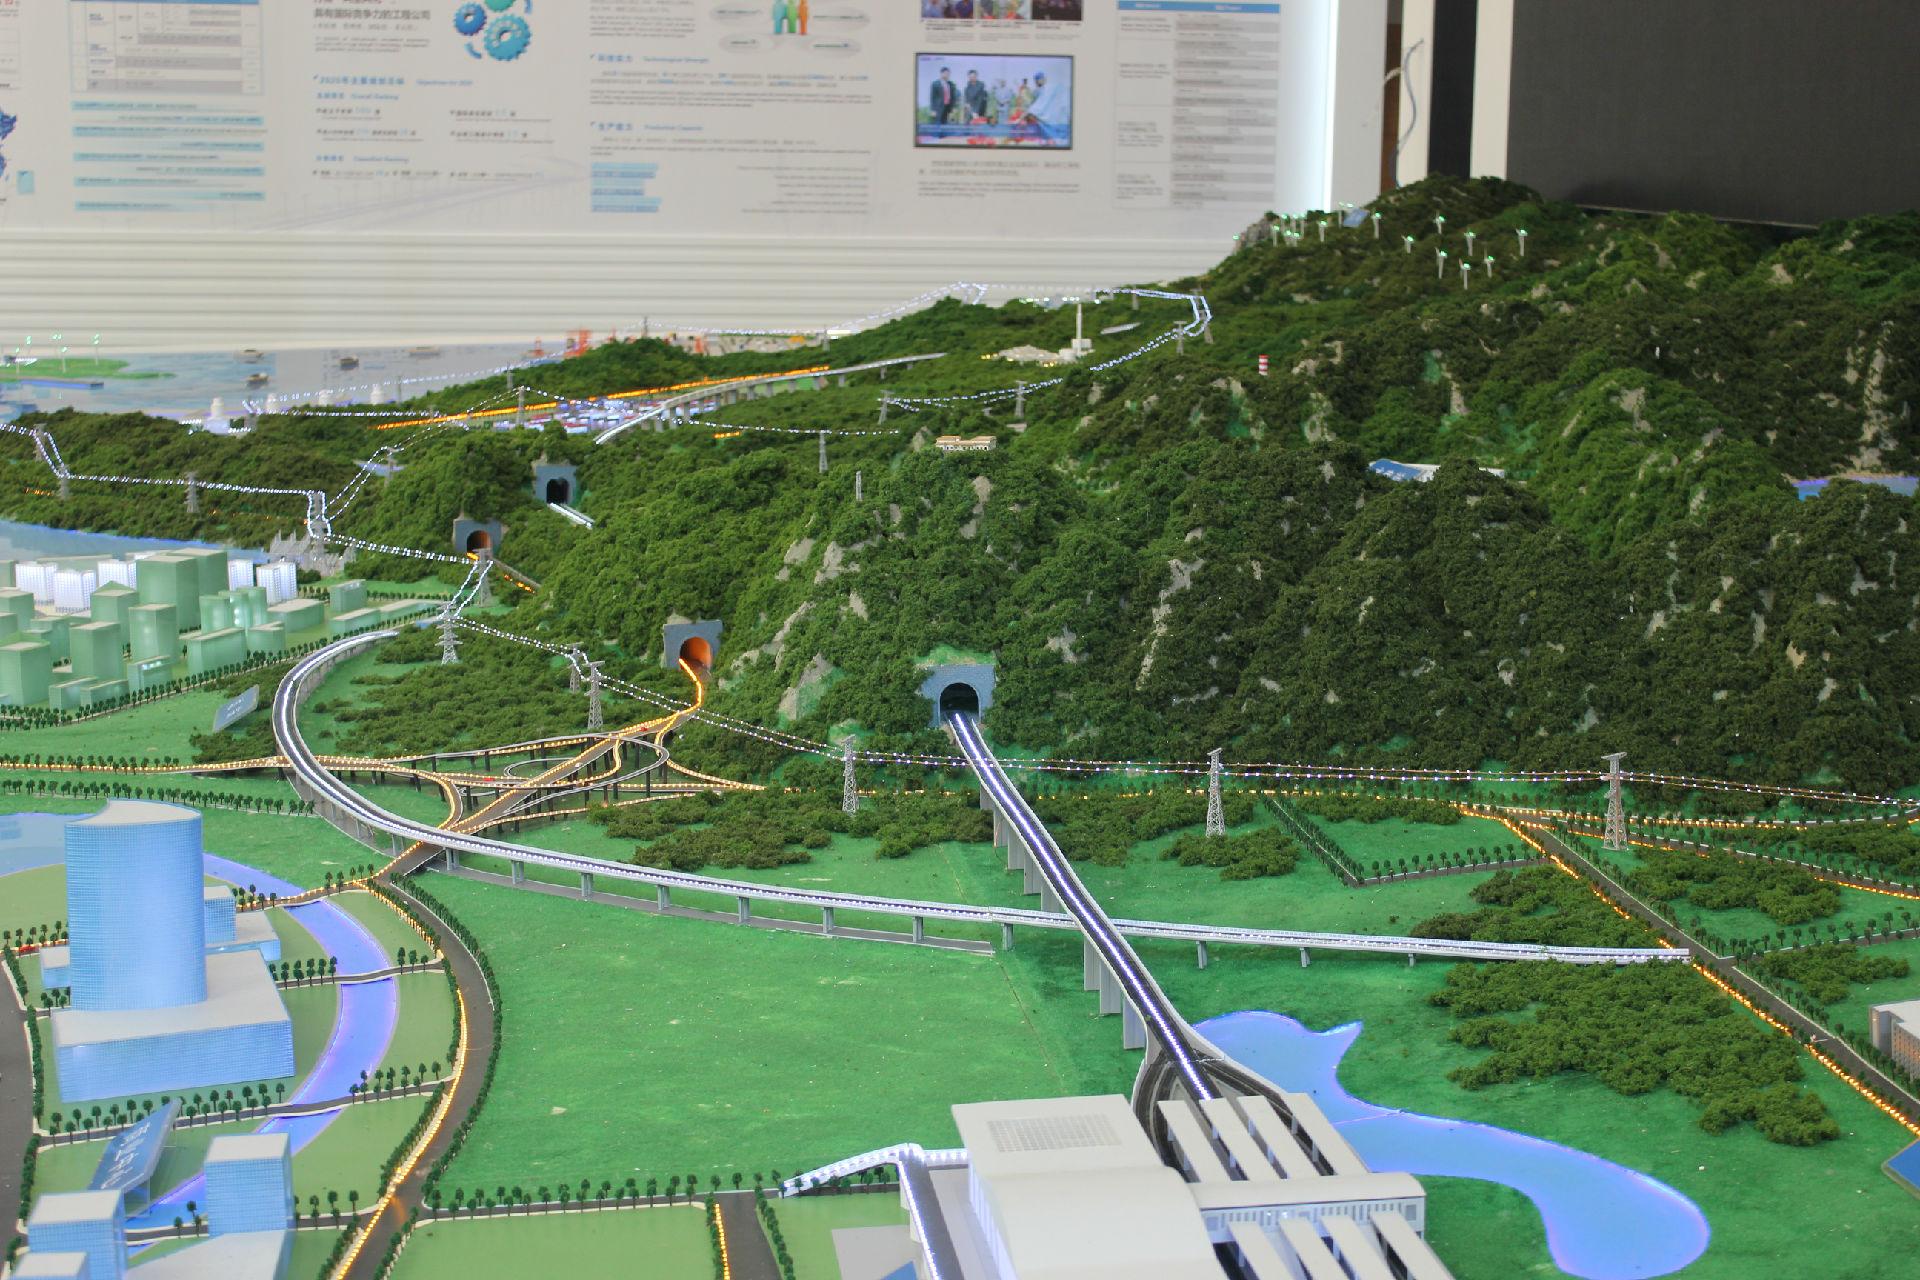 北京企业展厅设计公司介绍:展览馆设计与会展设计的不同之处